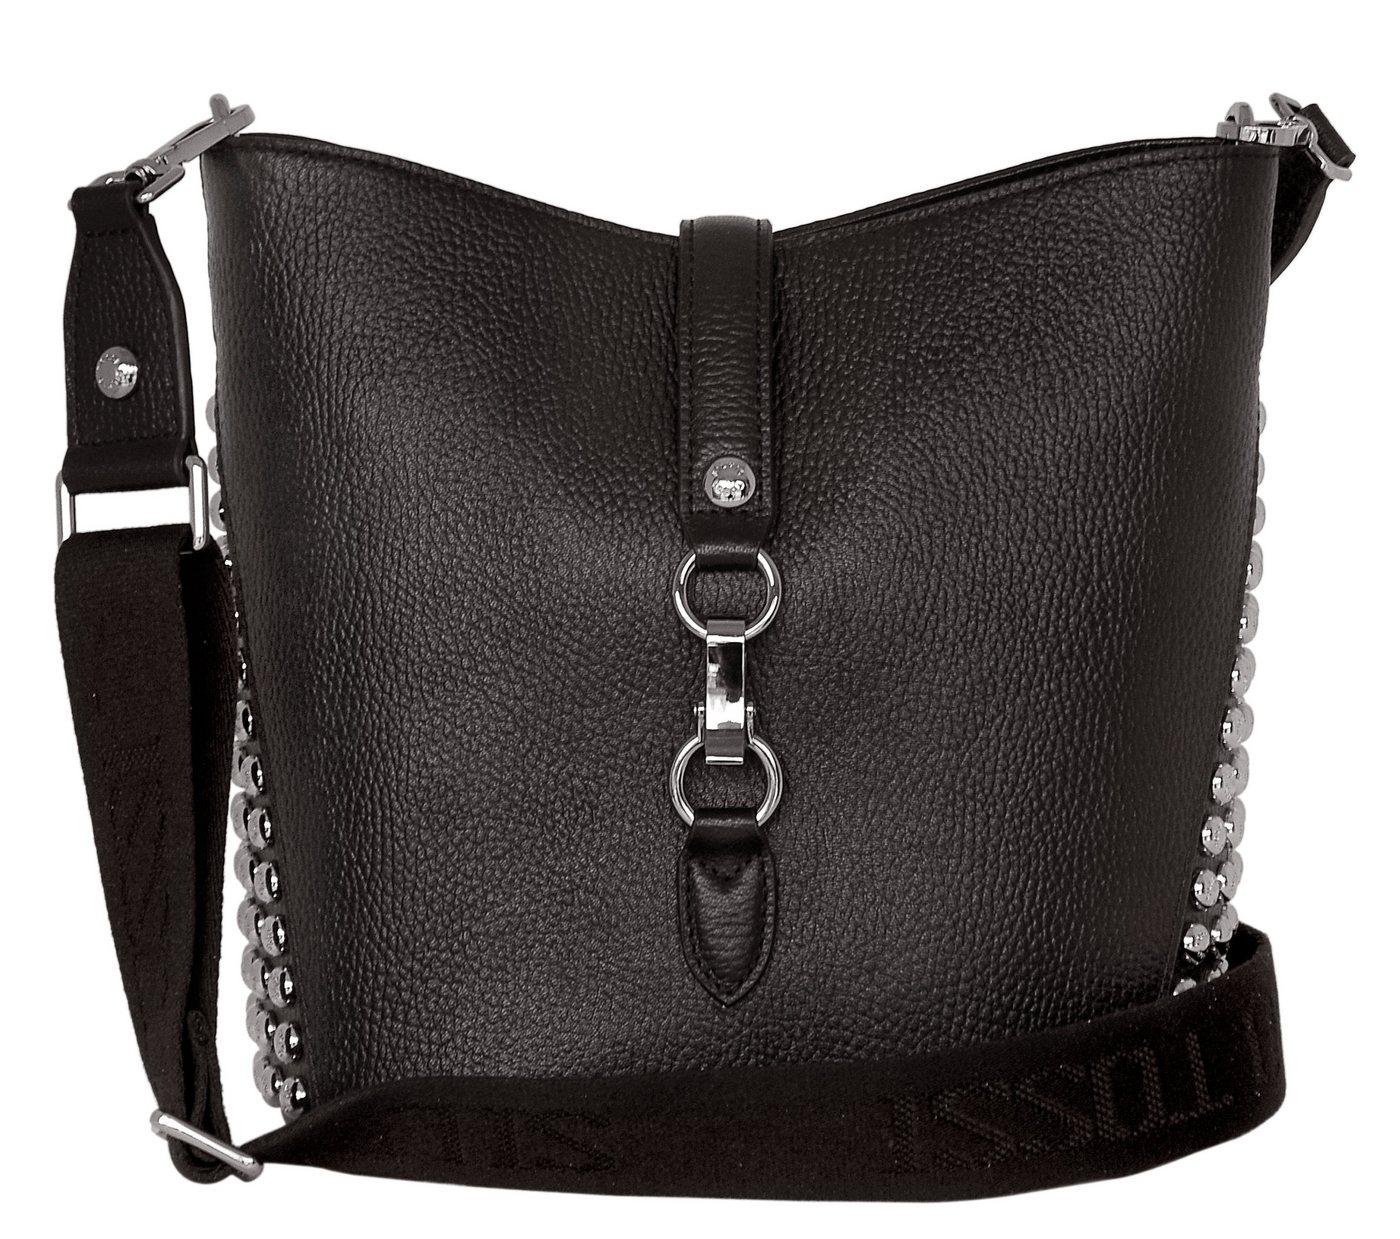 Silvio Tossi Lederschultertasche mit langem Schulterband | Taschen > Handtaschen > Ledertaschen | Schwarz | Silvio Tossi